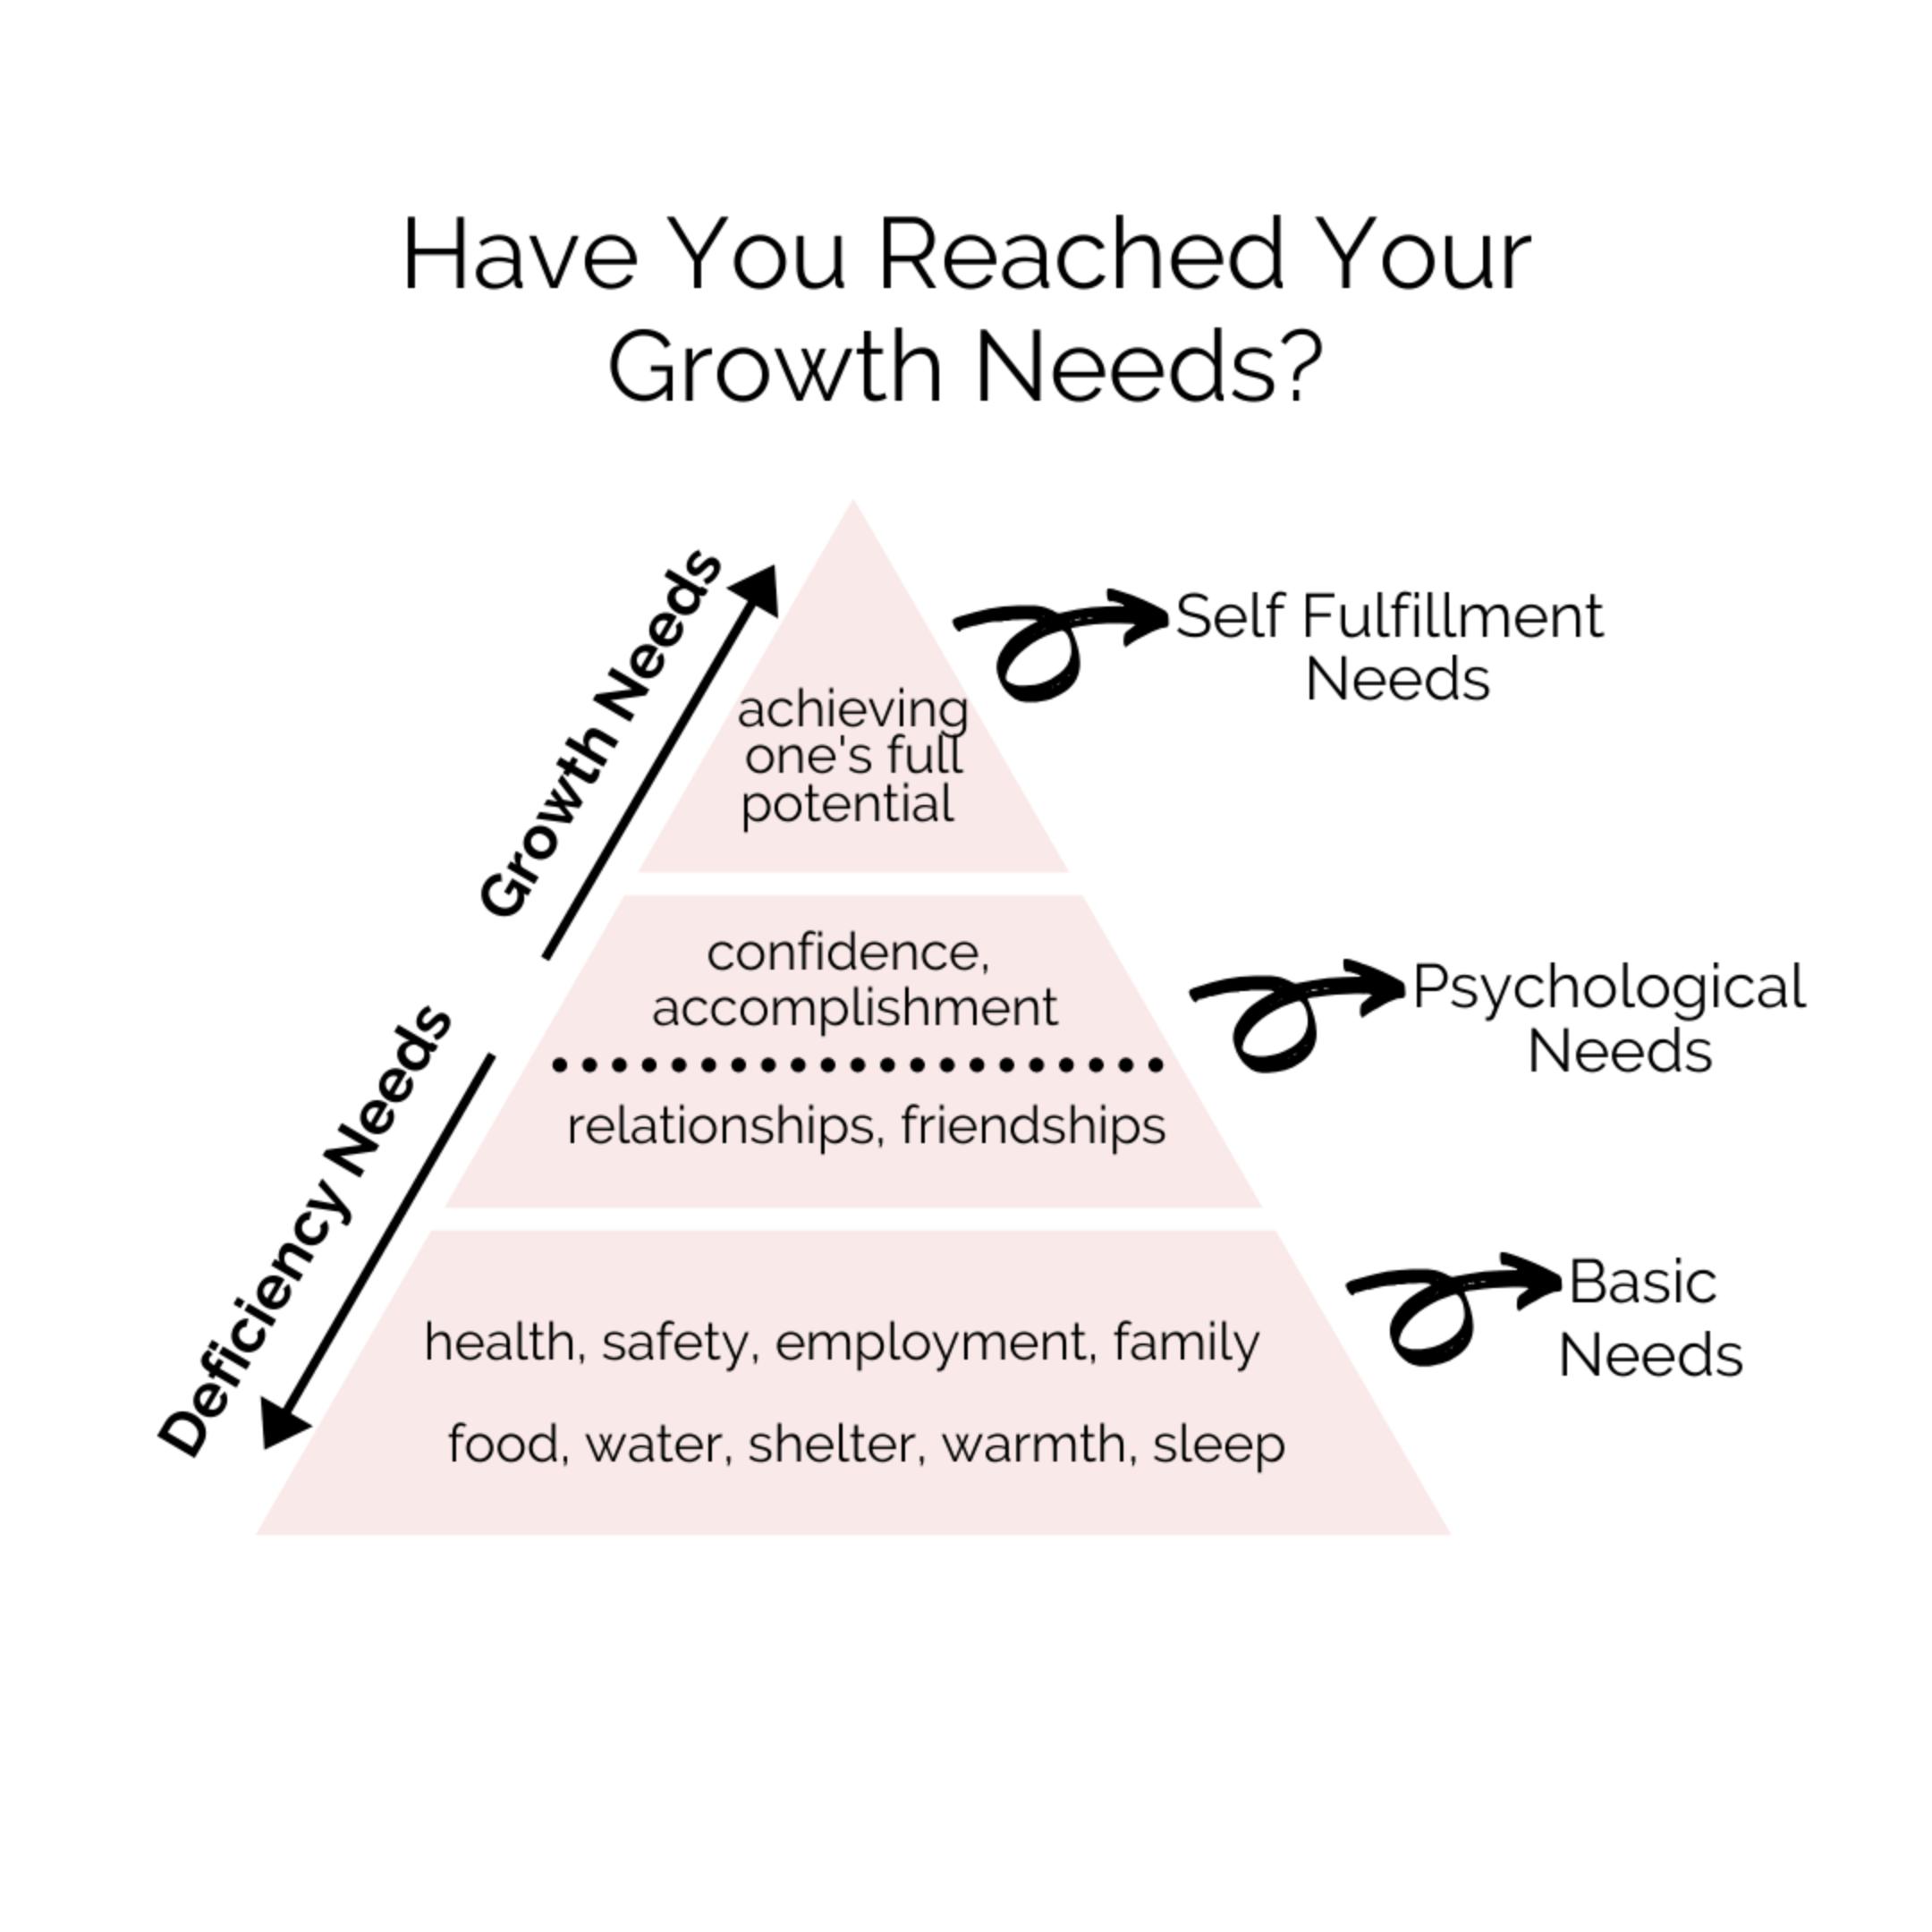 Deficiency Needs vs Growth Needs